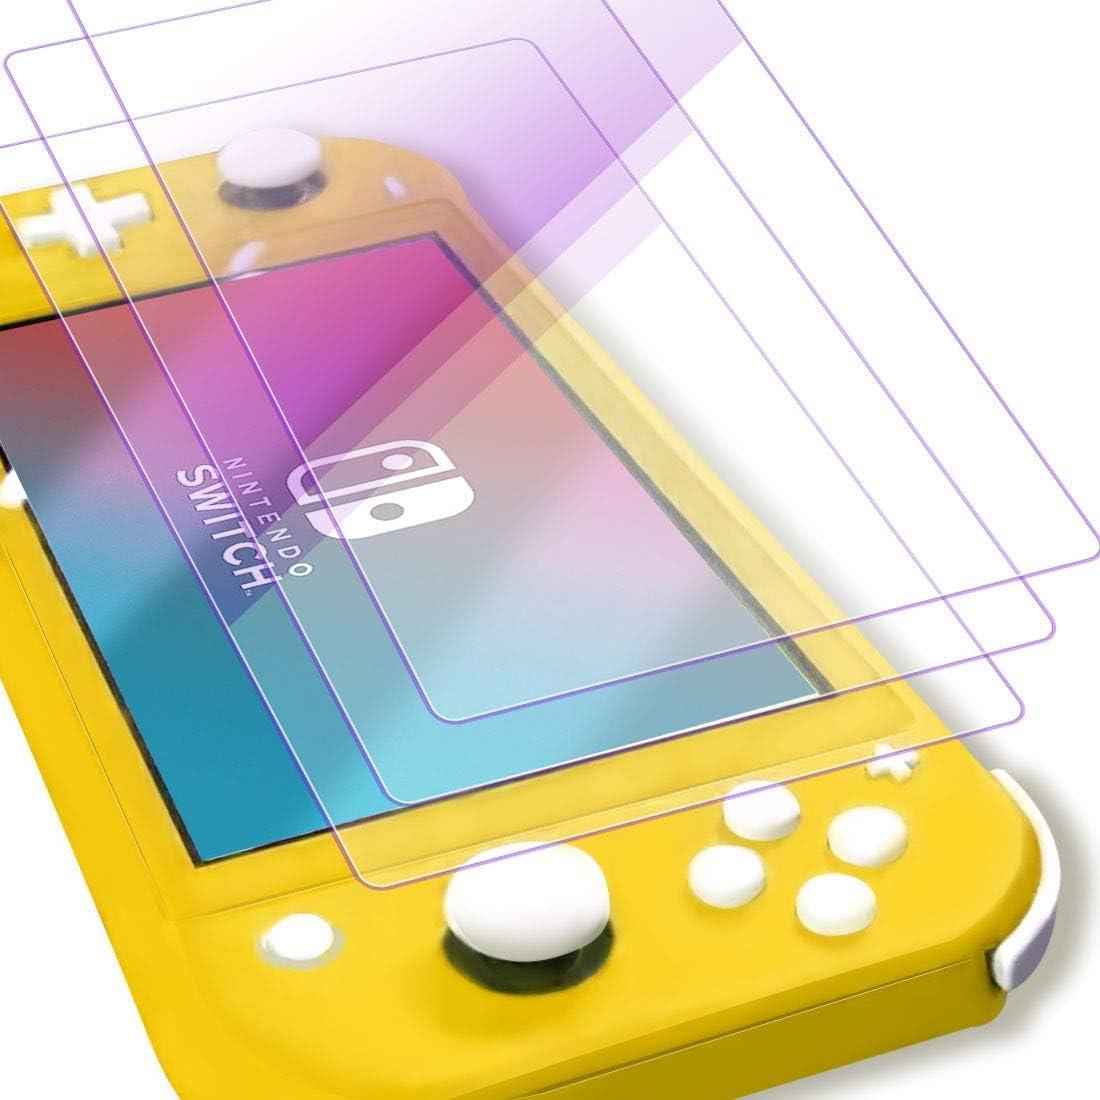 Protector de pantalla de cristal templado con luz anti-violeta Chinsion para Nintendo Switch Lite (paquete de 3): Amazon.es: Videojuegos